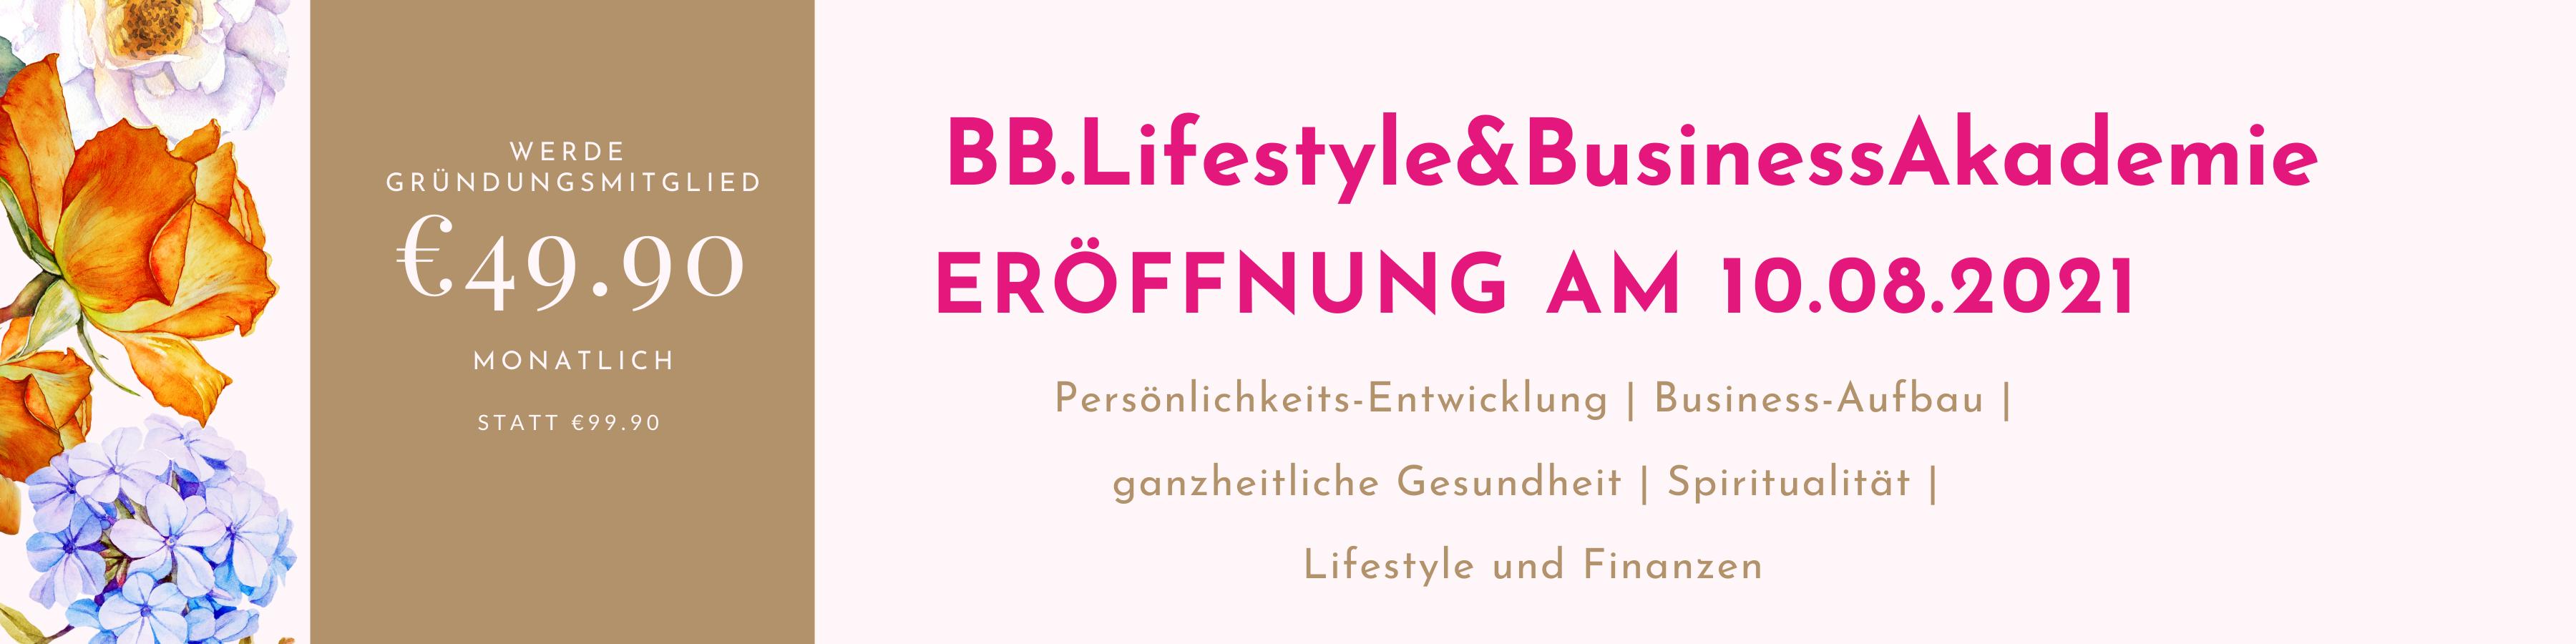 Digistore Header Lifestyle & Business- Akademie Kopie 3